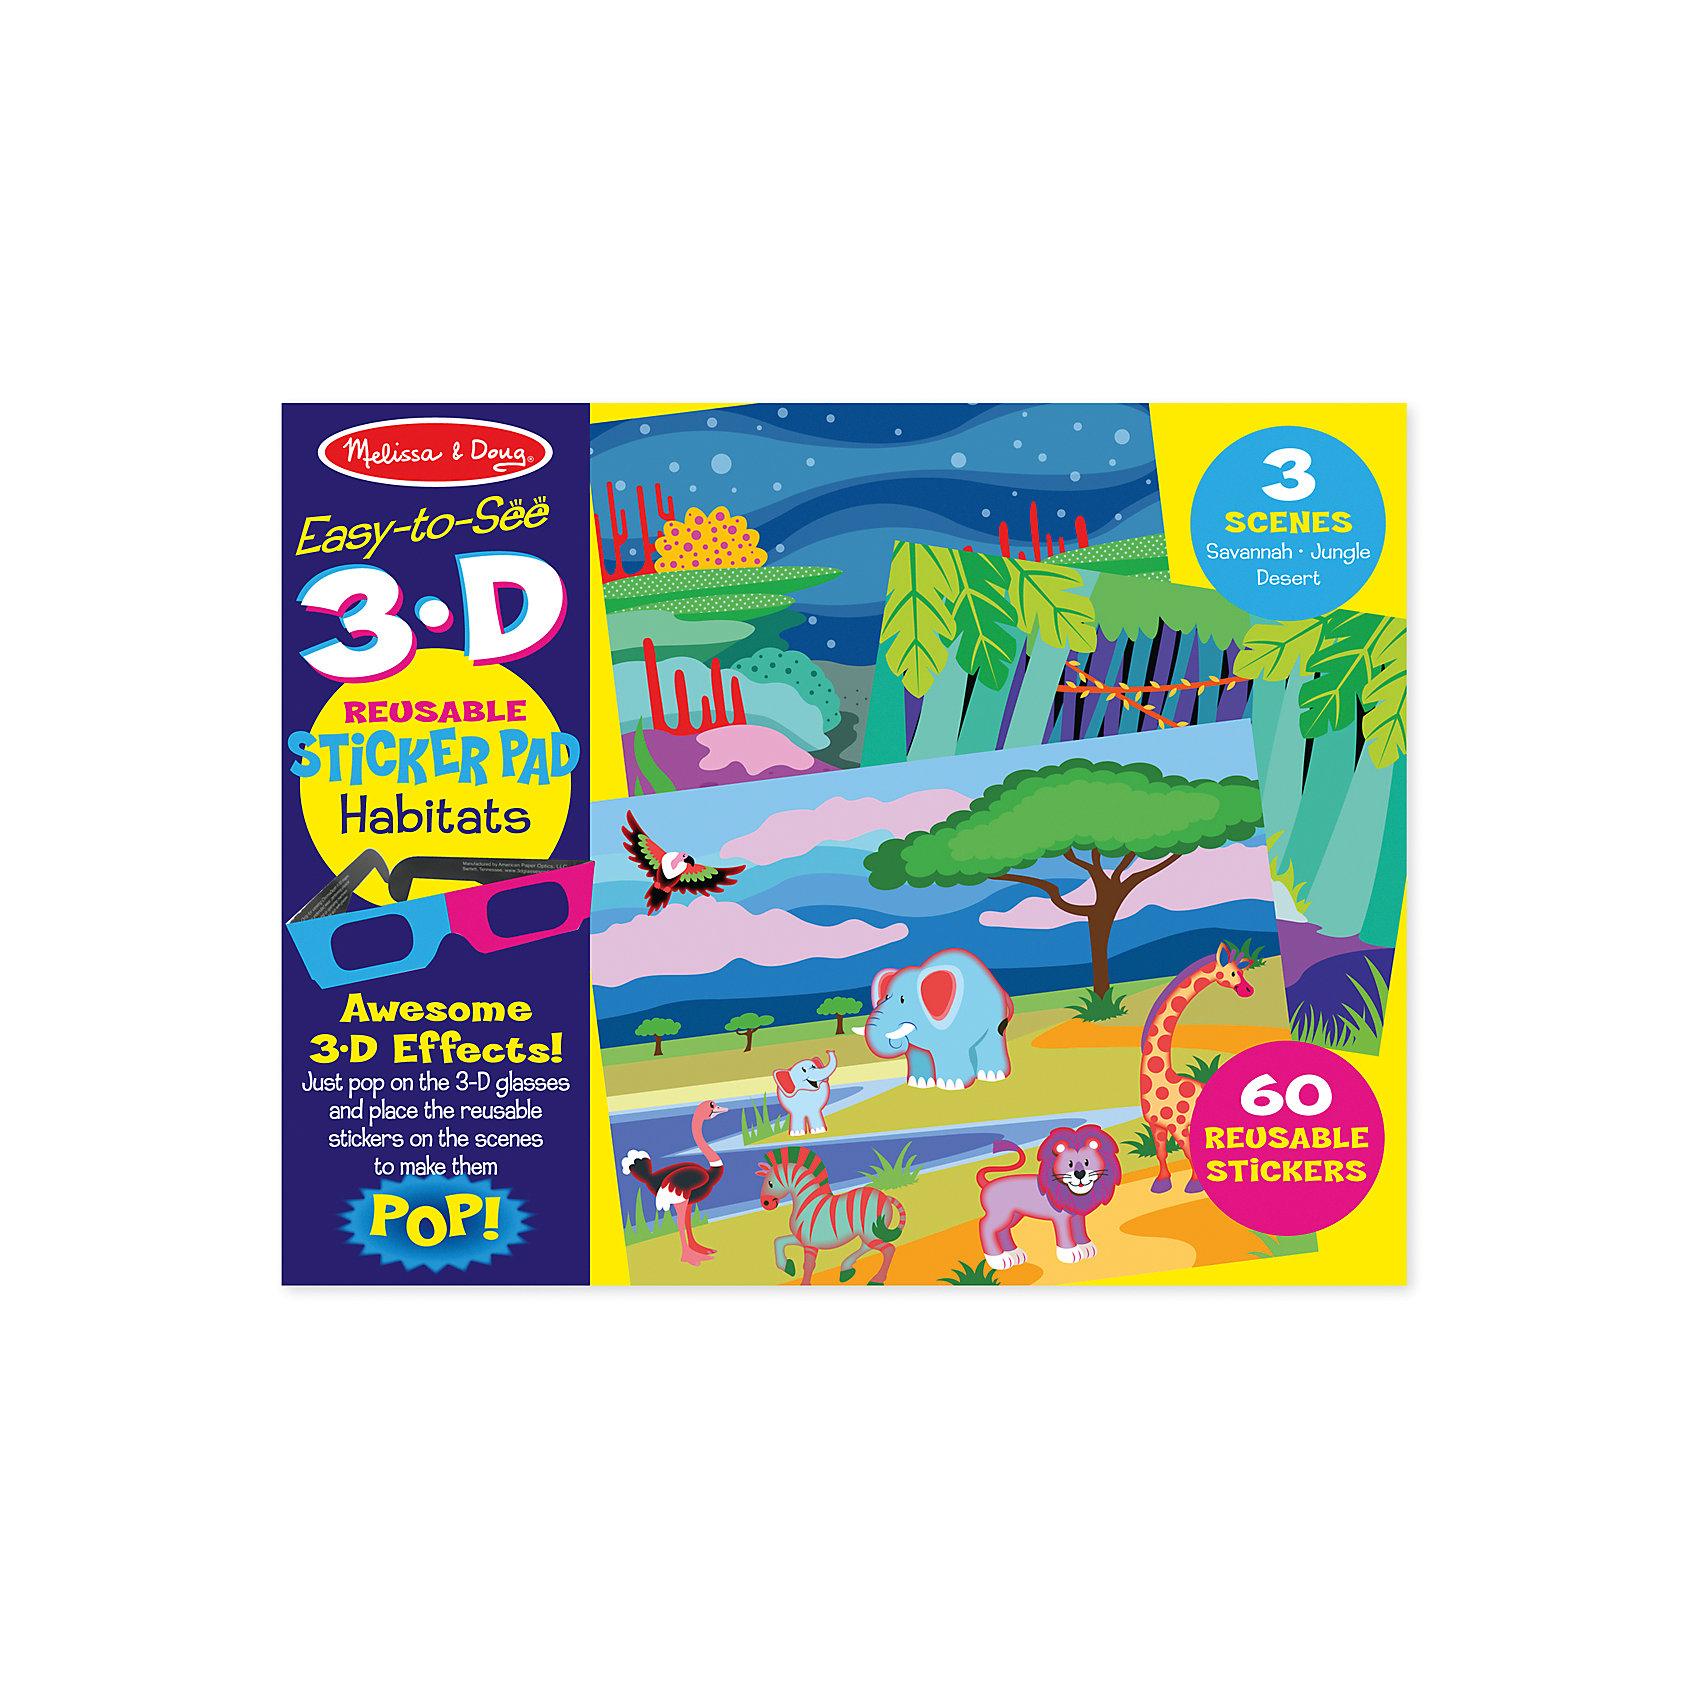 Набор стикеров с 3D-очками Среда обитанияТворчество для малышей<br>Набор стикеров с 3D-очками Океан, Джунгли, Сафари – это комплект состоящий из трех сцен  и 109 многоразовых наклеек, здесь есть увлекательные стикеры дикой саванны, дремучих джунглей и открытого океана, а чтобы приключение вашего ребенка было более завораживающим в комплекте идут 3D- очки, с помощью них, он сможет увидеть потрясающие 3D-эффекты, а благодаря тому, что стикеры многоразовые ваш малыш сможет фантазировать, создавать  и познавать этот чудесный мир сколько ему угодно!<br><br>Дополнительная информация: <br><br>-Комплектация:  3 сцены (Океан, Джунгли, Сафари), 109 многоразовых наклеек, фон, анаглифные 3D-очки.<br>-Размер упаковки: 36х1х28 см<br>-Вес в упаковке: 295 г<br><br>Такой набор отлично тренирует логику и мелкую моторику, а так же развивает творческие навыки и художественное восприятие ребенка.<br><br>Набор стикеров с 3D-очками Приключения  можно купить в нашем магазине.<br><br>Ширина мм: 360<br>Глубина мм: 10<br>Высота мм: 280<br>Вес г: 295<br>Возраст от месяцев: 48<br>Возраст до месяцев: 180<br>Пол: Унисекс<br>Возраст: Детский<br>SKU: 4720642